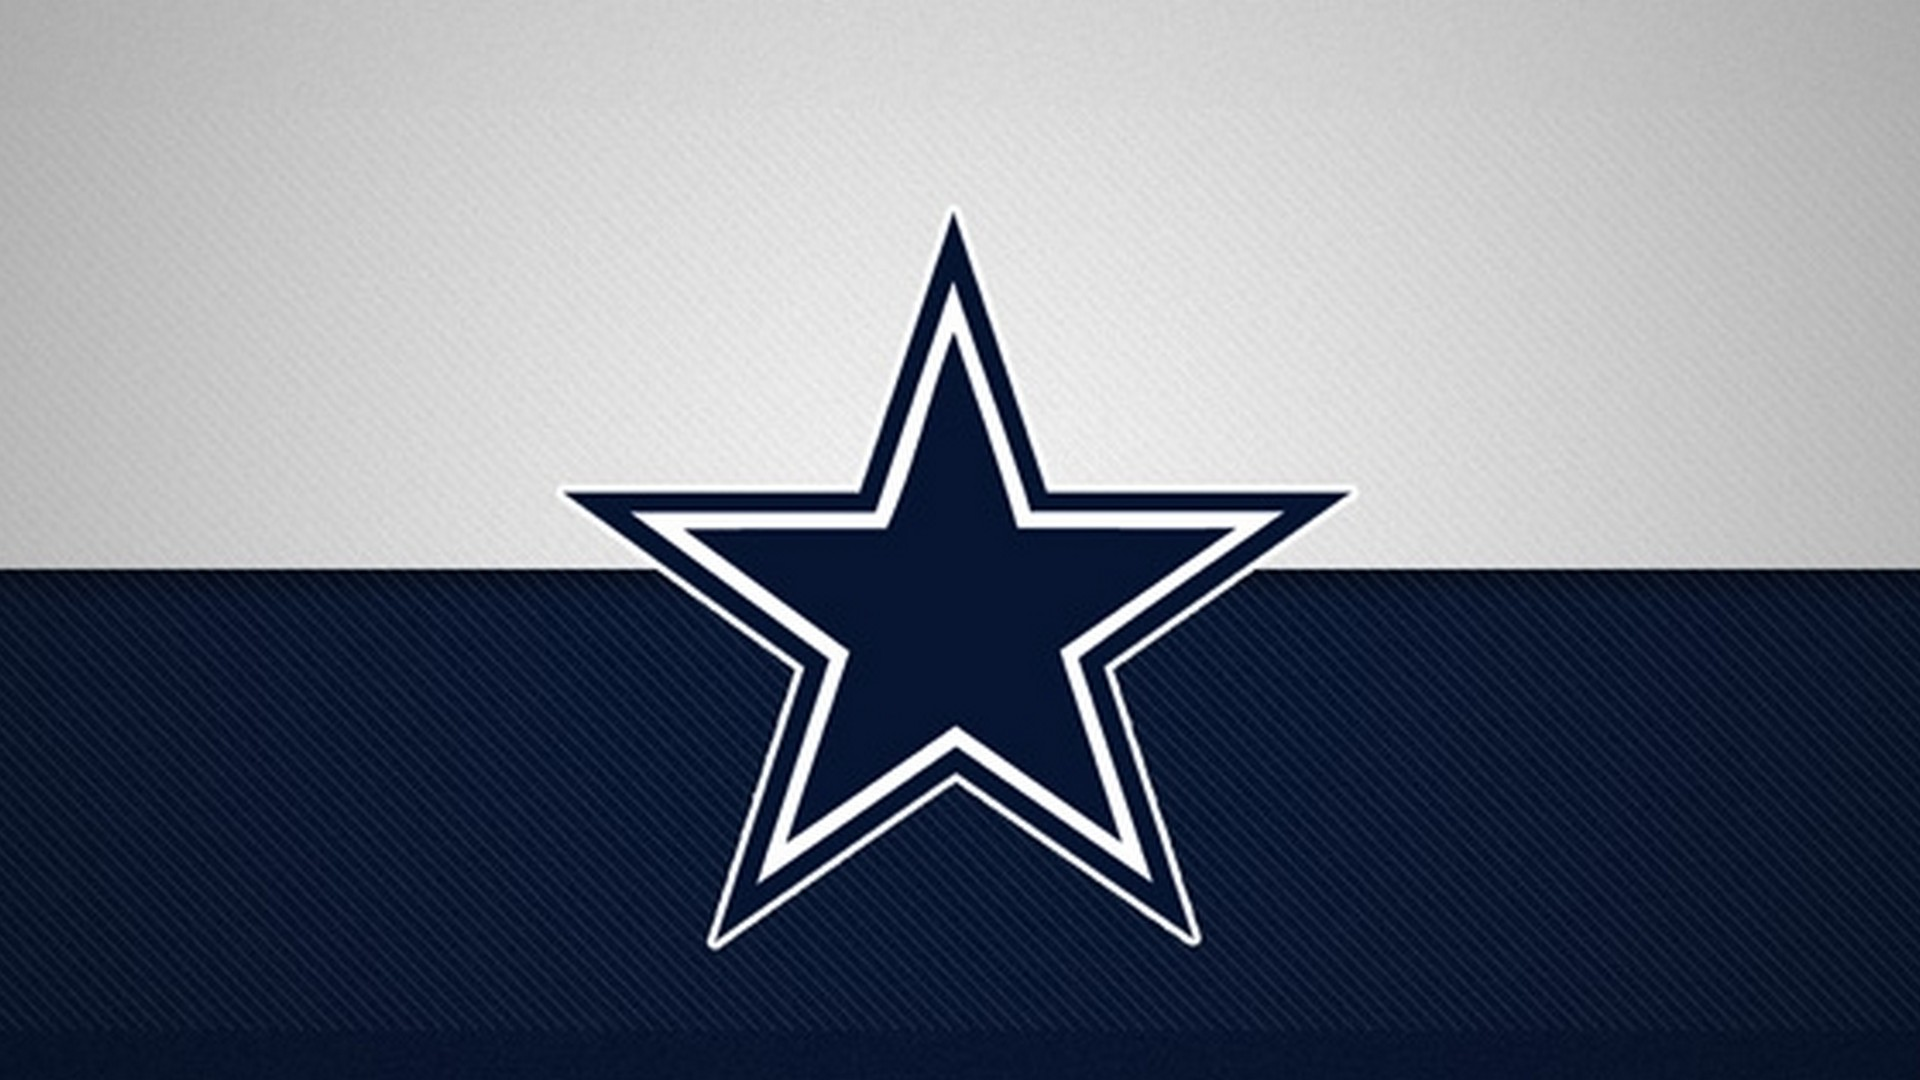 Wallpaper Desktop Dallas Cowboys HD 2020 NFL Football Wallpapers 1920x1080